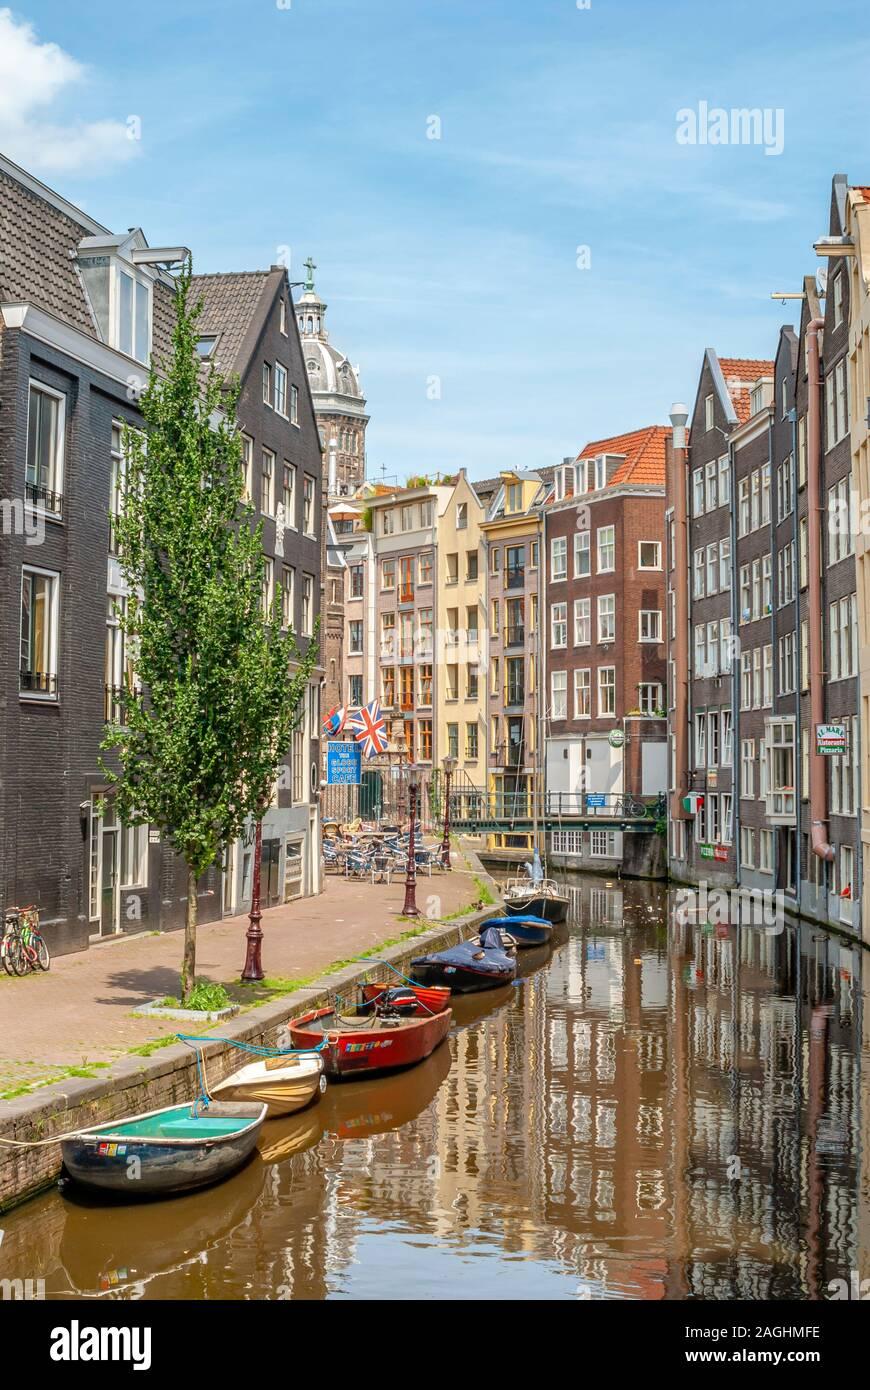 Bateaux à ramer dans un canal dans le centre d'Amsterdam, Pays-Bas Banque D'Images